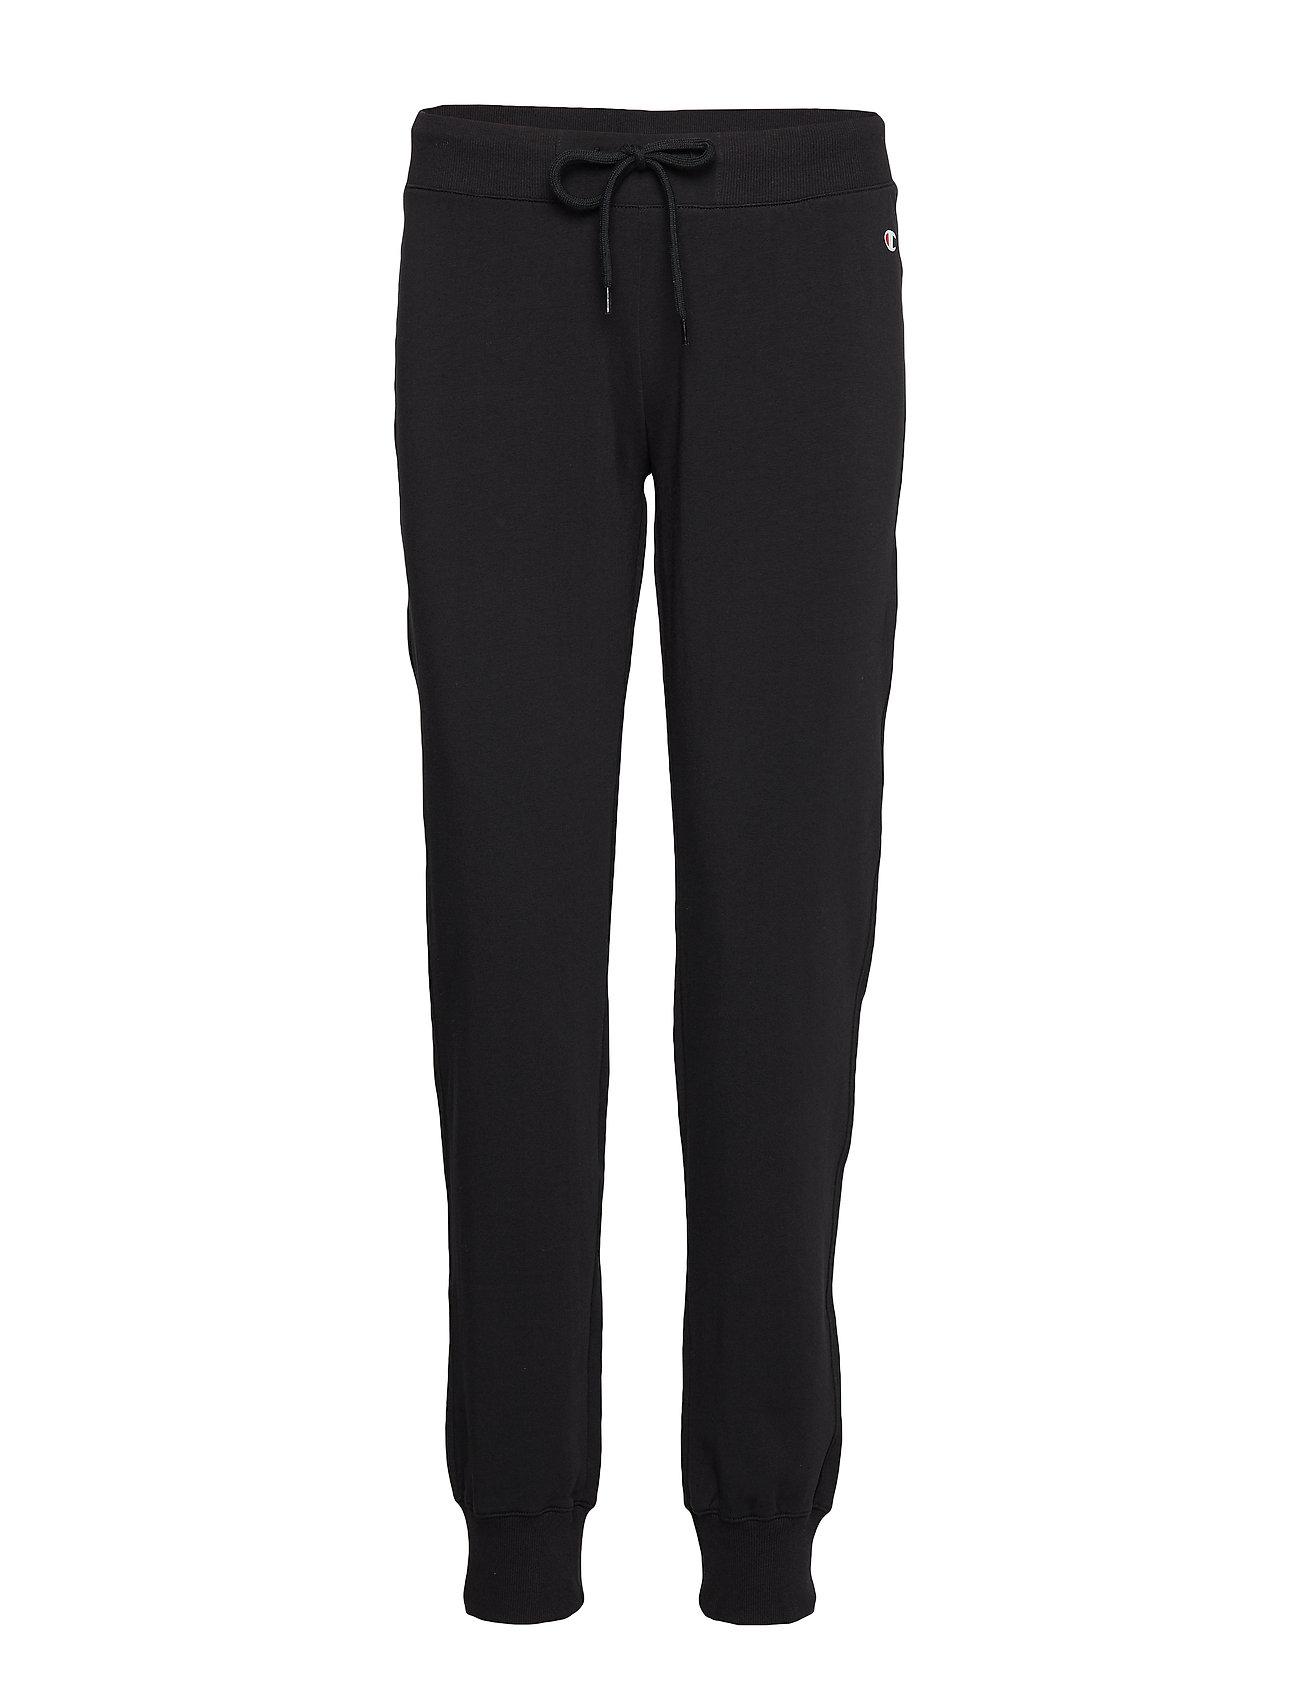 Champion Rib Cuff Pants - BLACK BEAUTY